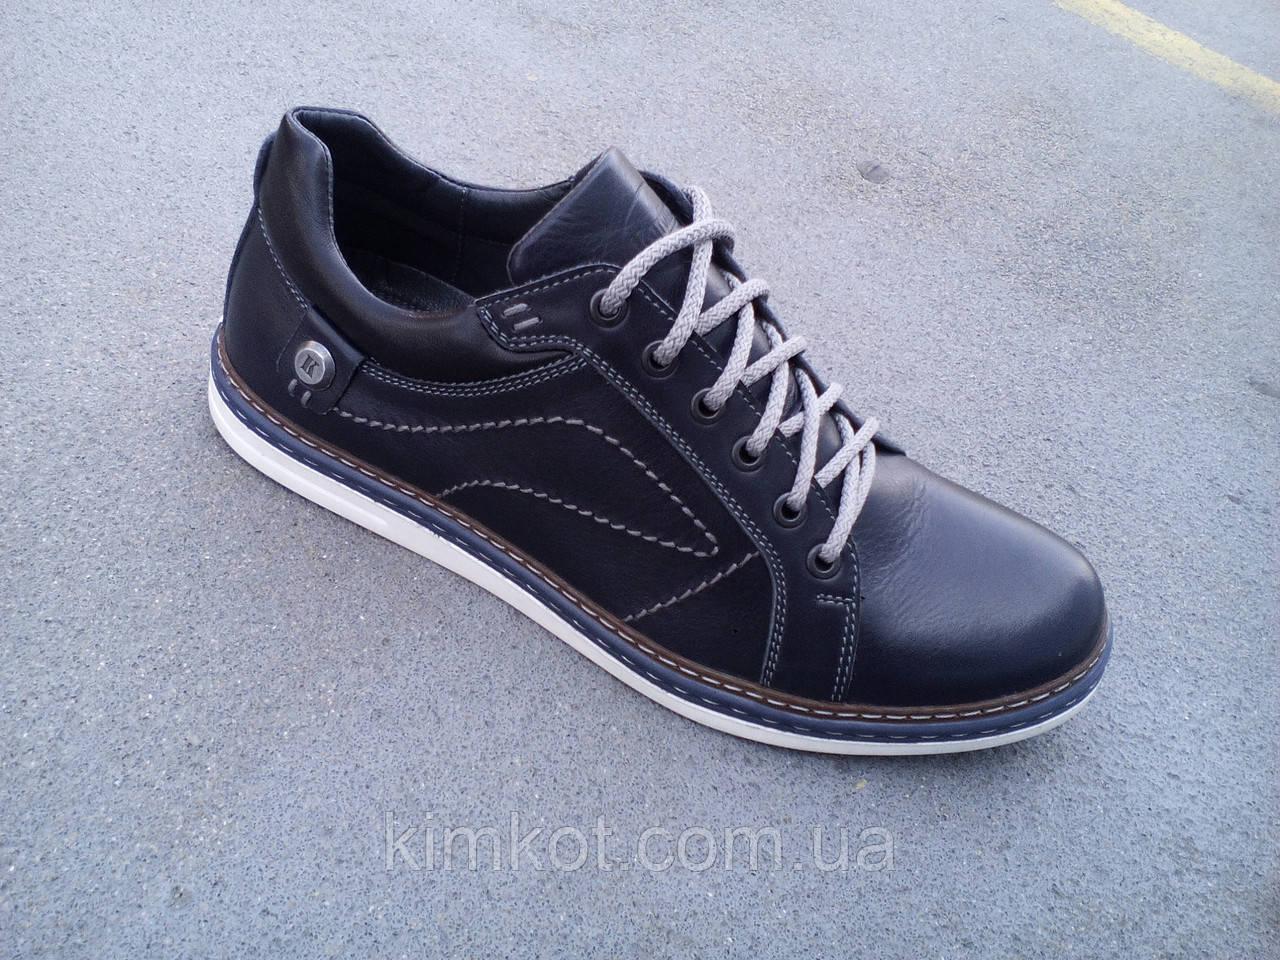 606f2e150 Кроссовки туфли мужские кожаные KARDINAL 40 -45 р-р - Интернет-Магазин